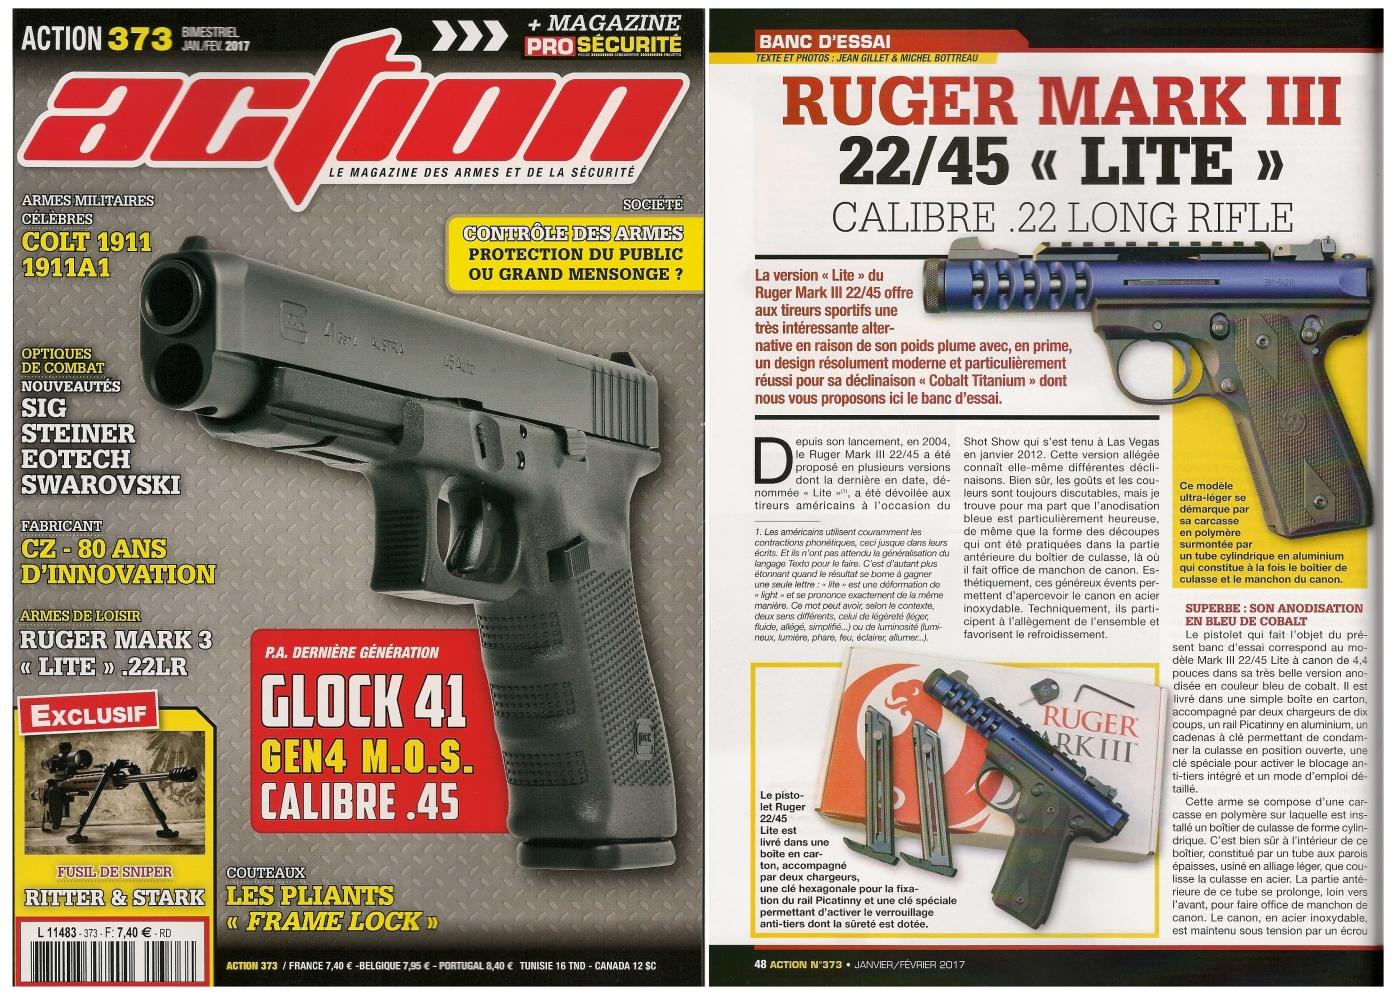 Le banc d'essai du pistolet Ruger modèle Mark III 22/45 « Lite » a été publié sur 6 pages dans le magazine Action n°373 (janvier/février 2017).